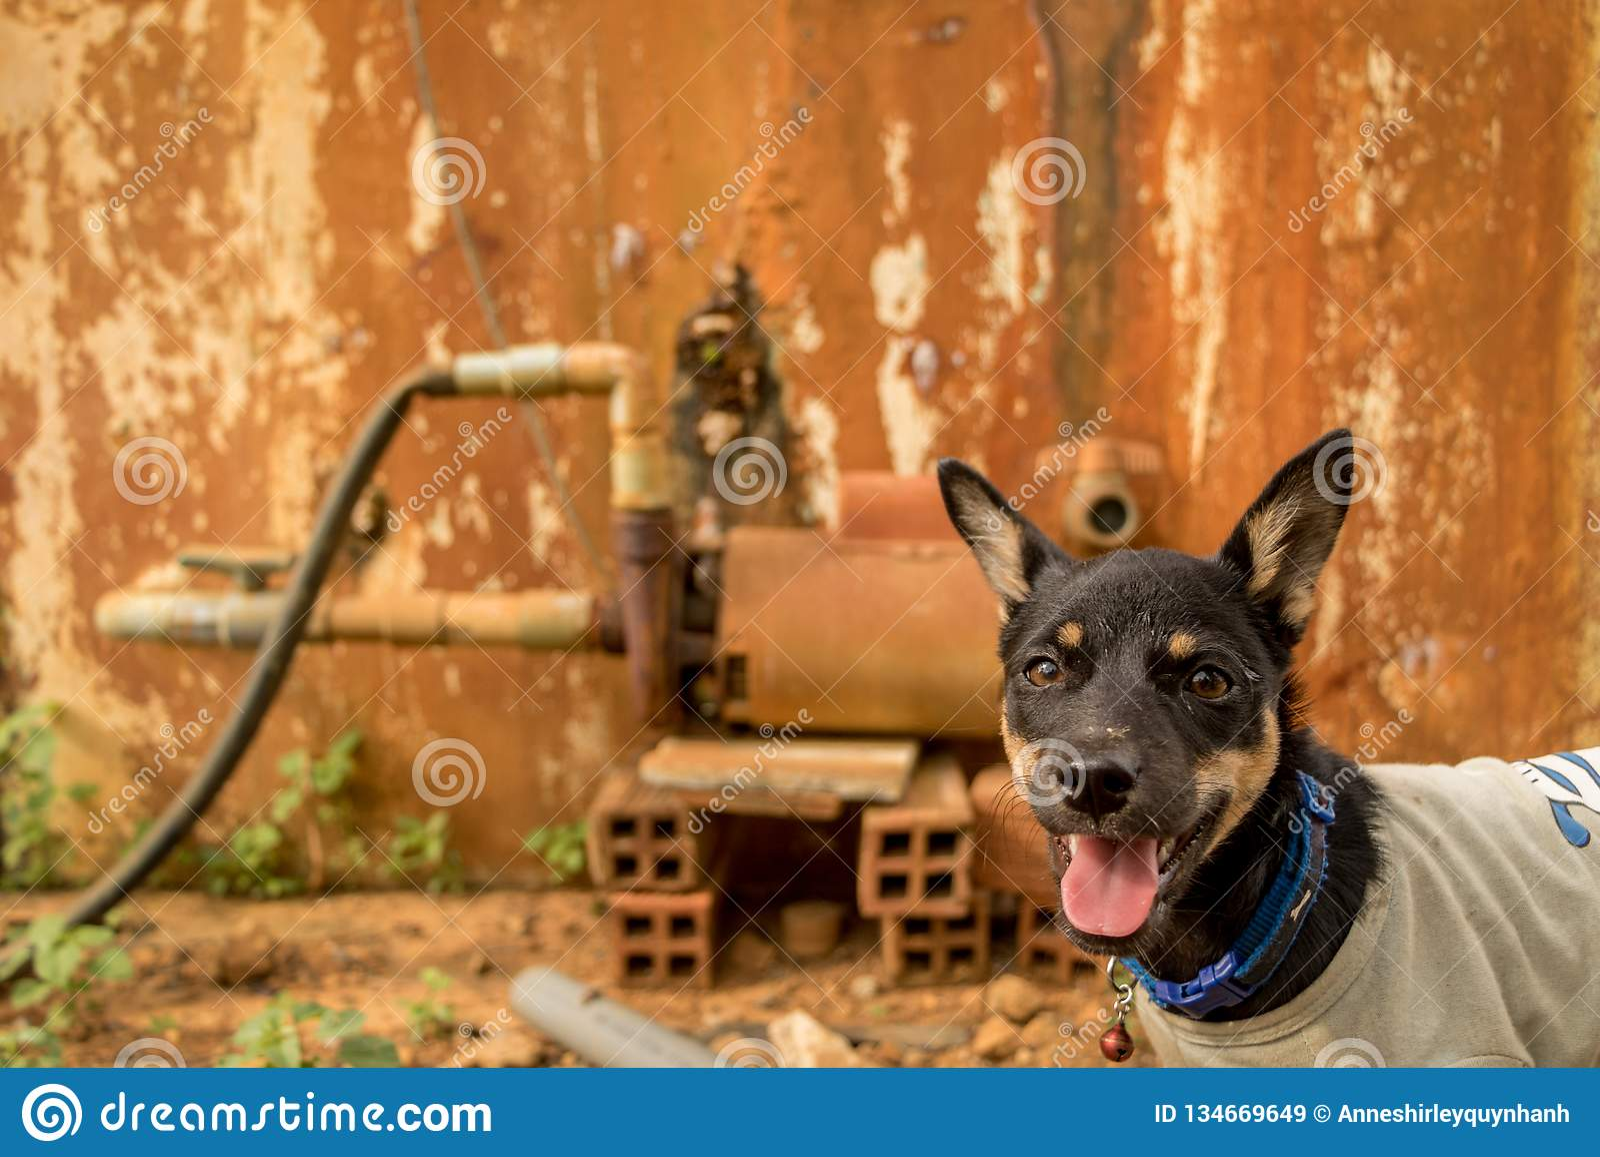 Glücklicher kleiner Welpe mit dem Zungen-aus- Haustier-tragenden T-Shirt - Hund mit neugierigem Gesicht - Weinlese-bunter Hinterg